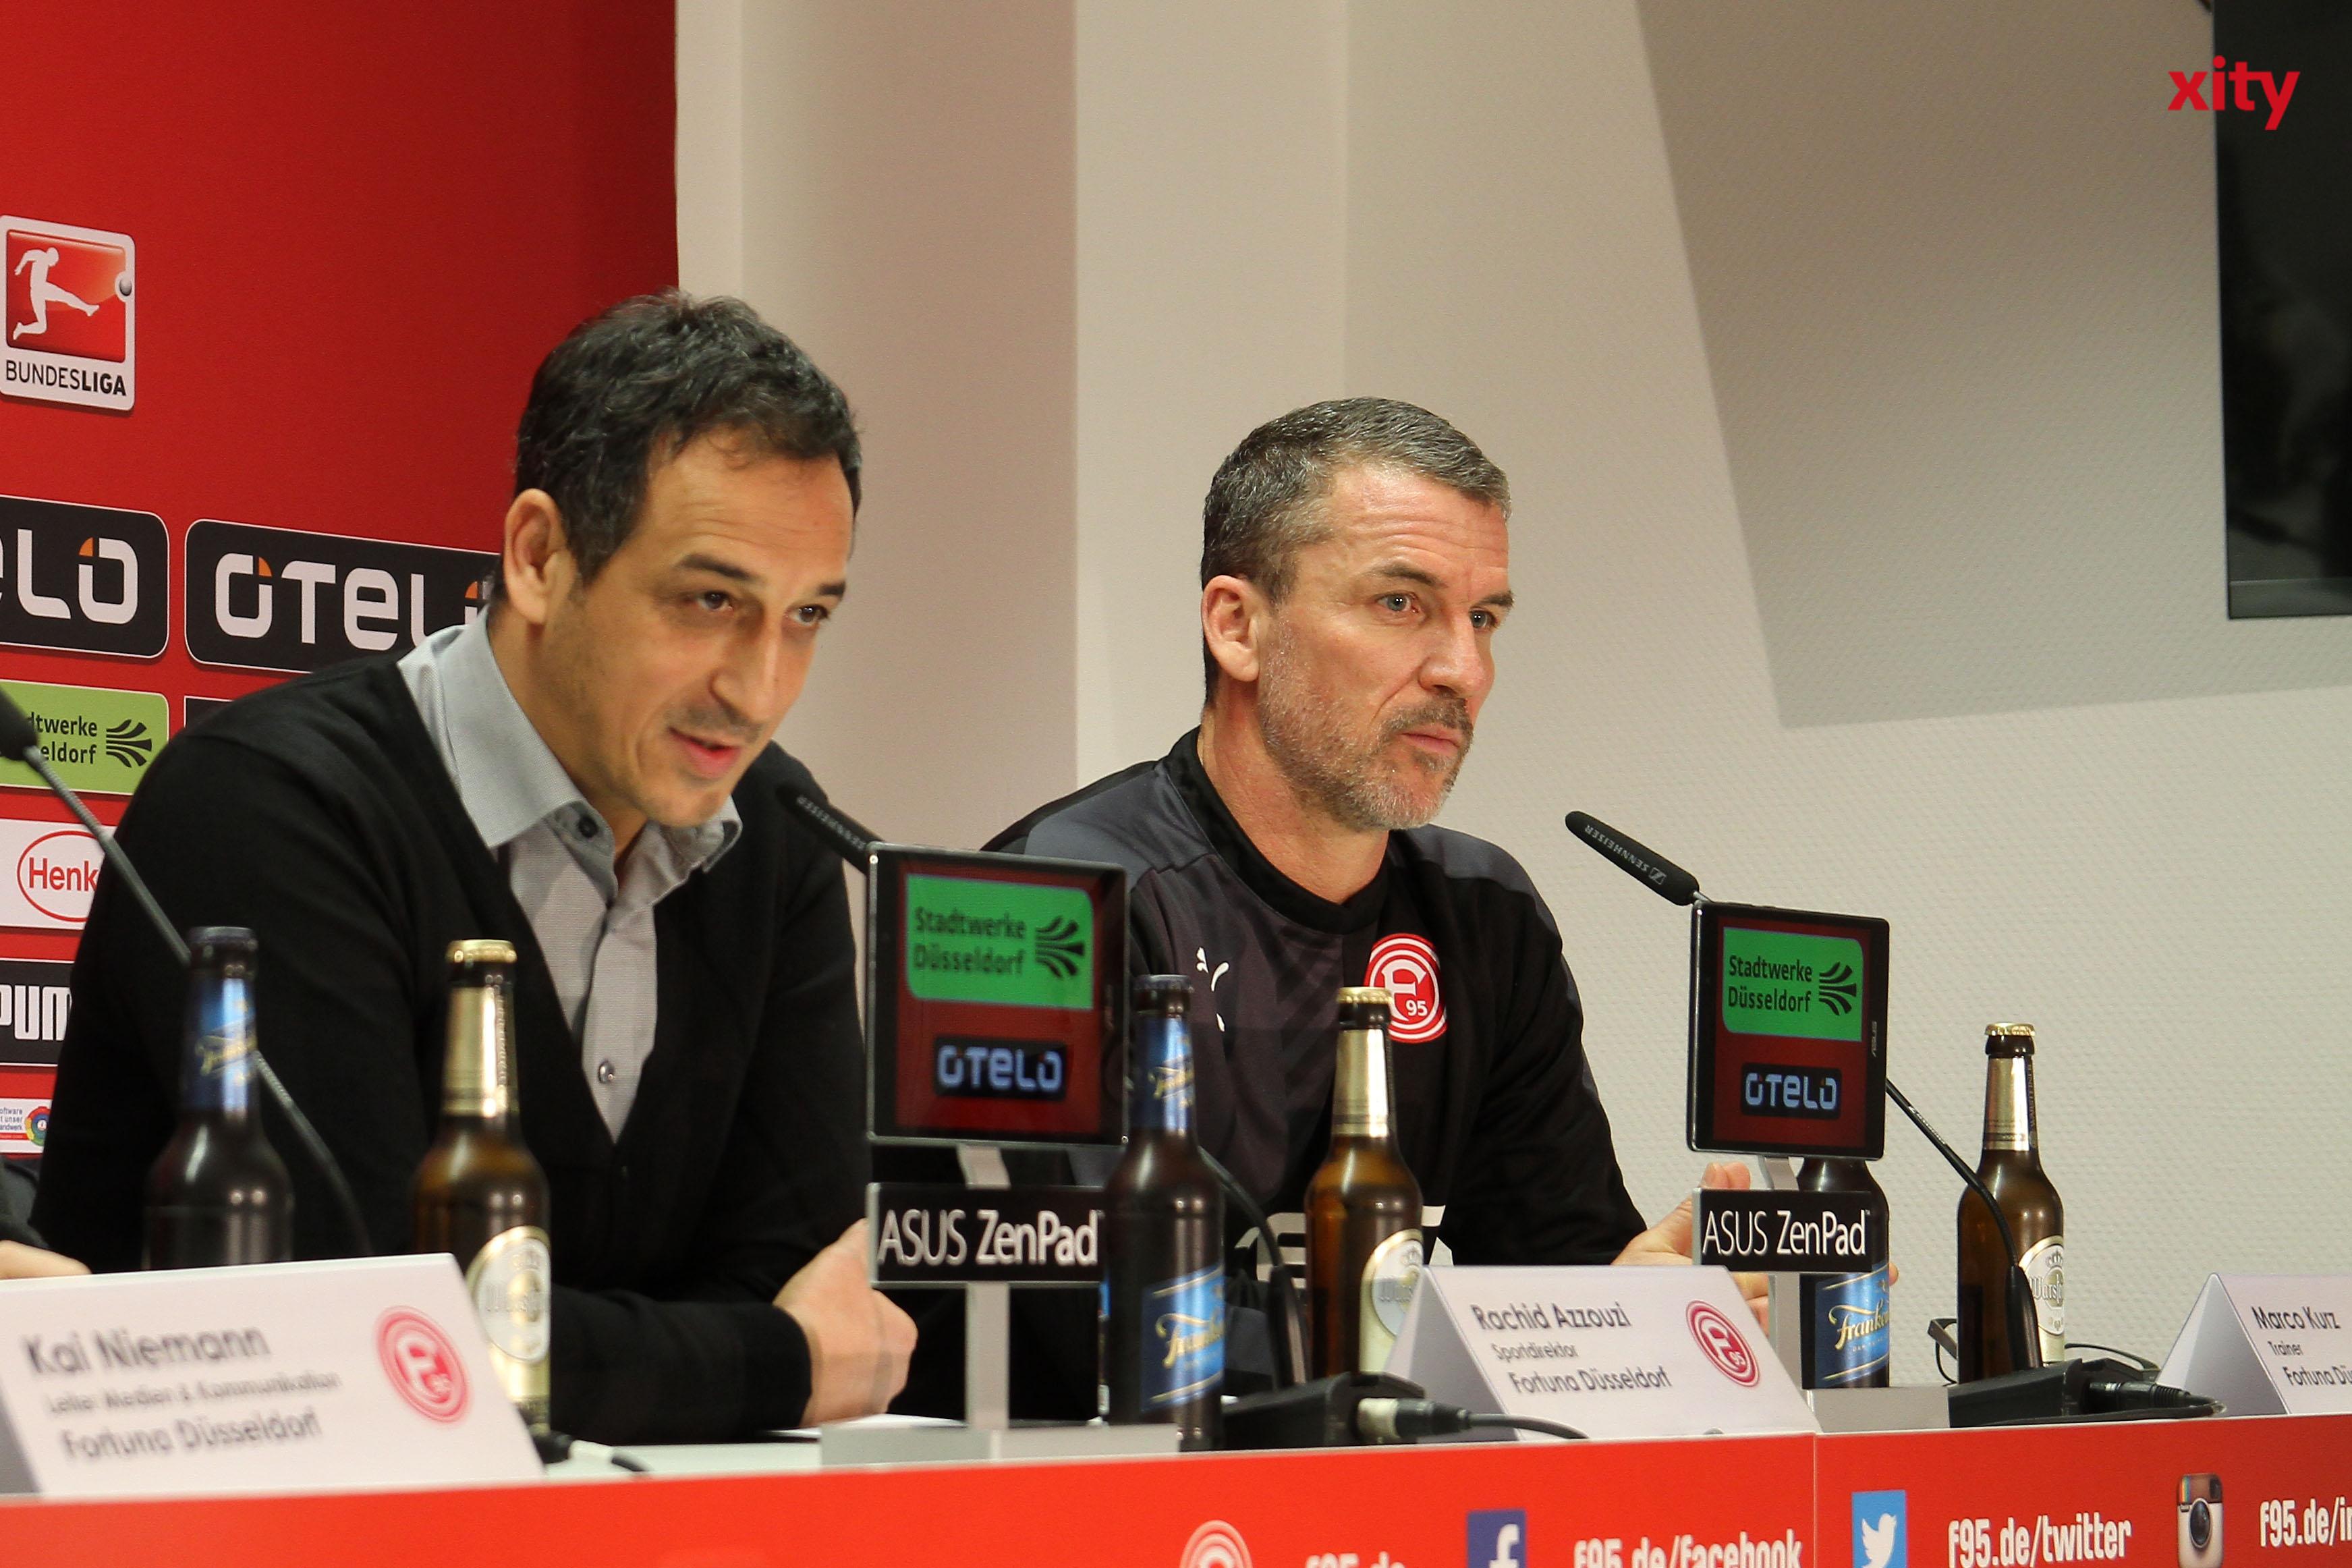 Sportdirektor Hinweis zum Datenschutz bei Google Suchergebnisse Rachid Azzouzi stellte Kurz bei der Pressekonferenz vor (Foto: xity)